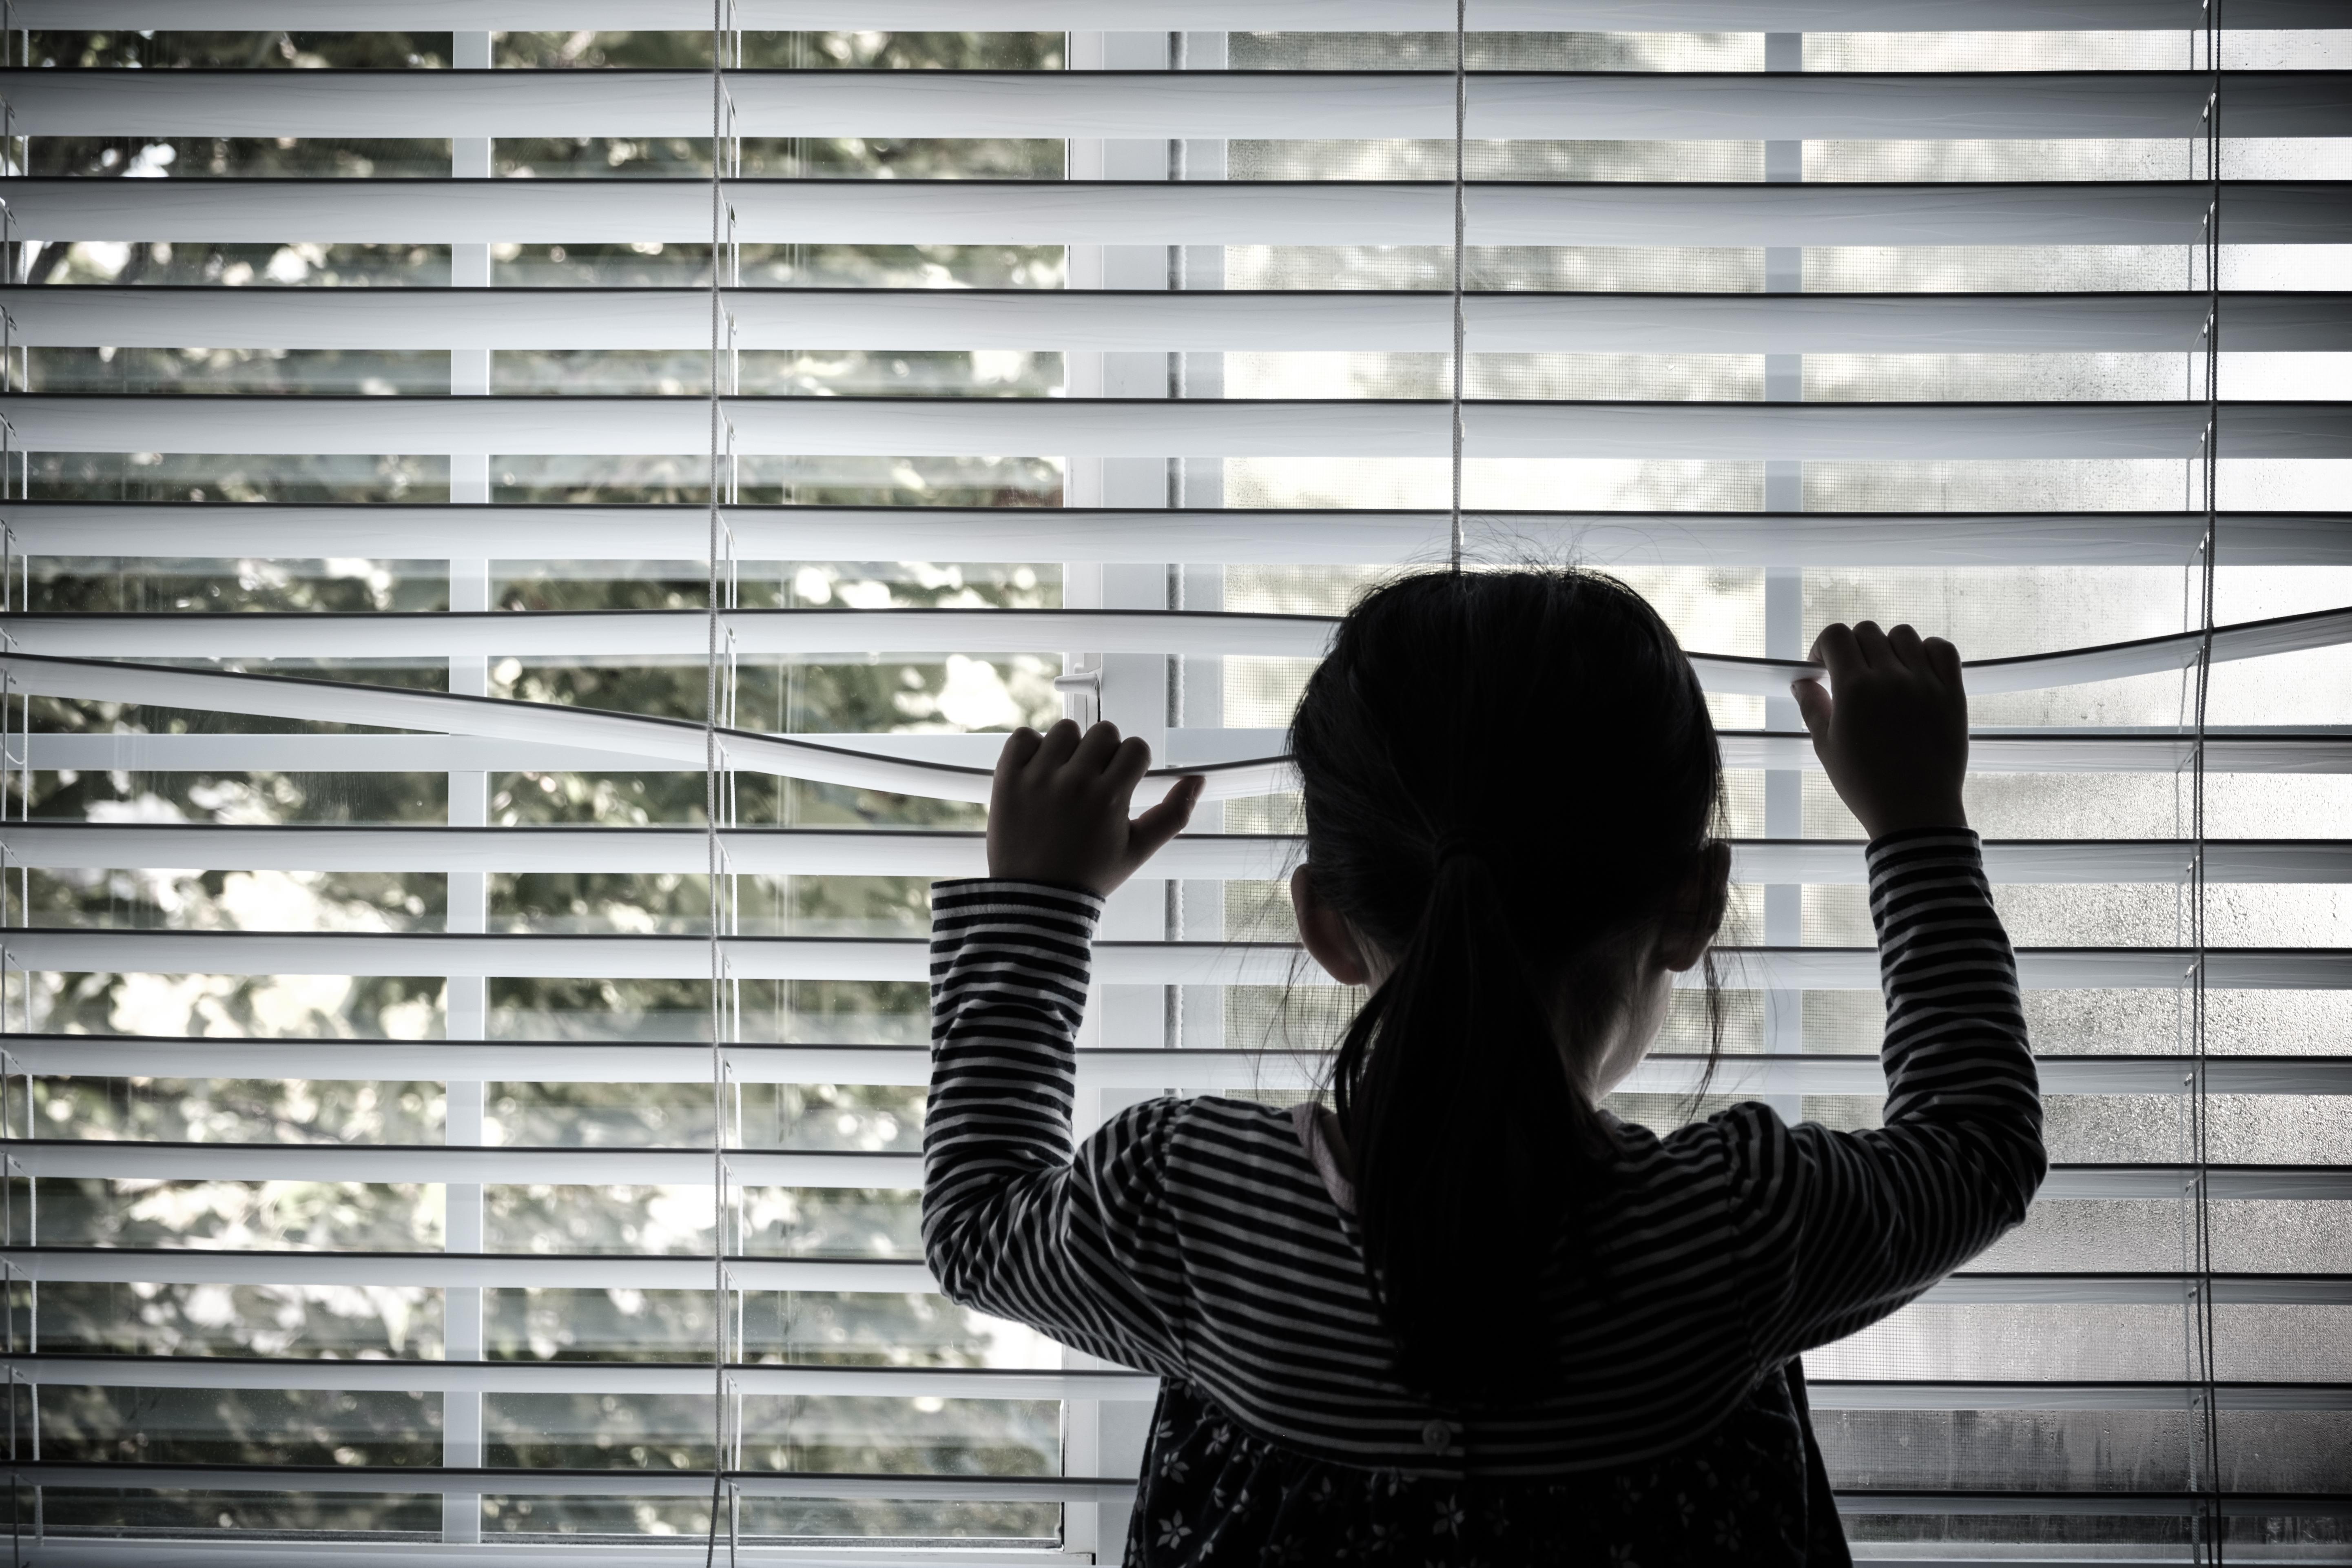 lonely-little-kid-in-front-of-a-window-5NT8QZE.jpg